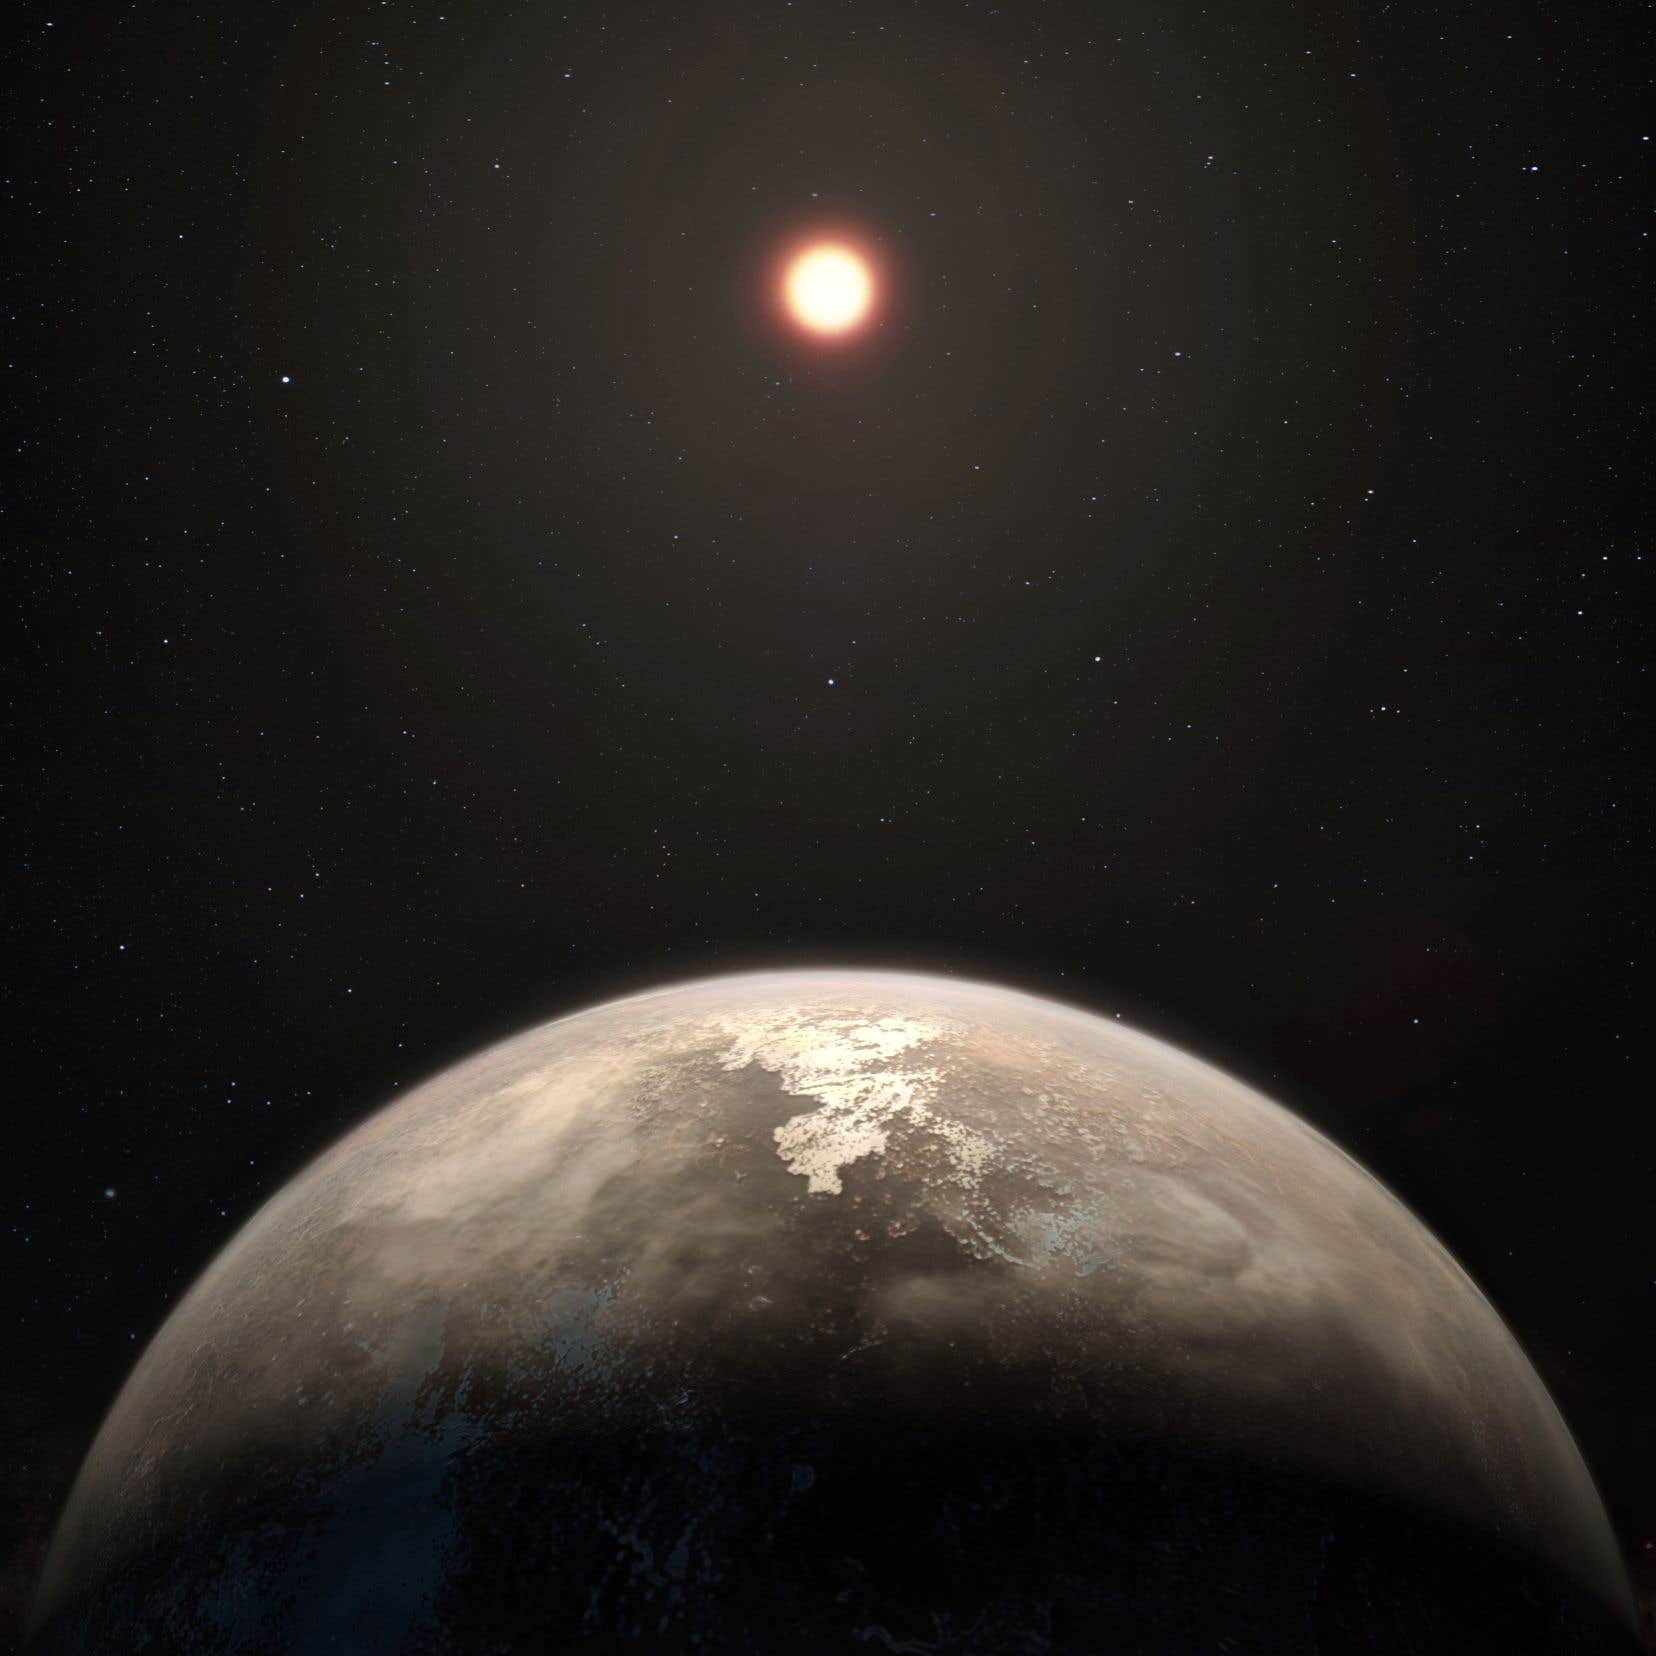 Ross 128b représente l'exo-Terre tempérée la plus proche de nous après Proxima b.